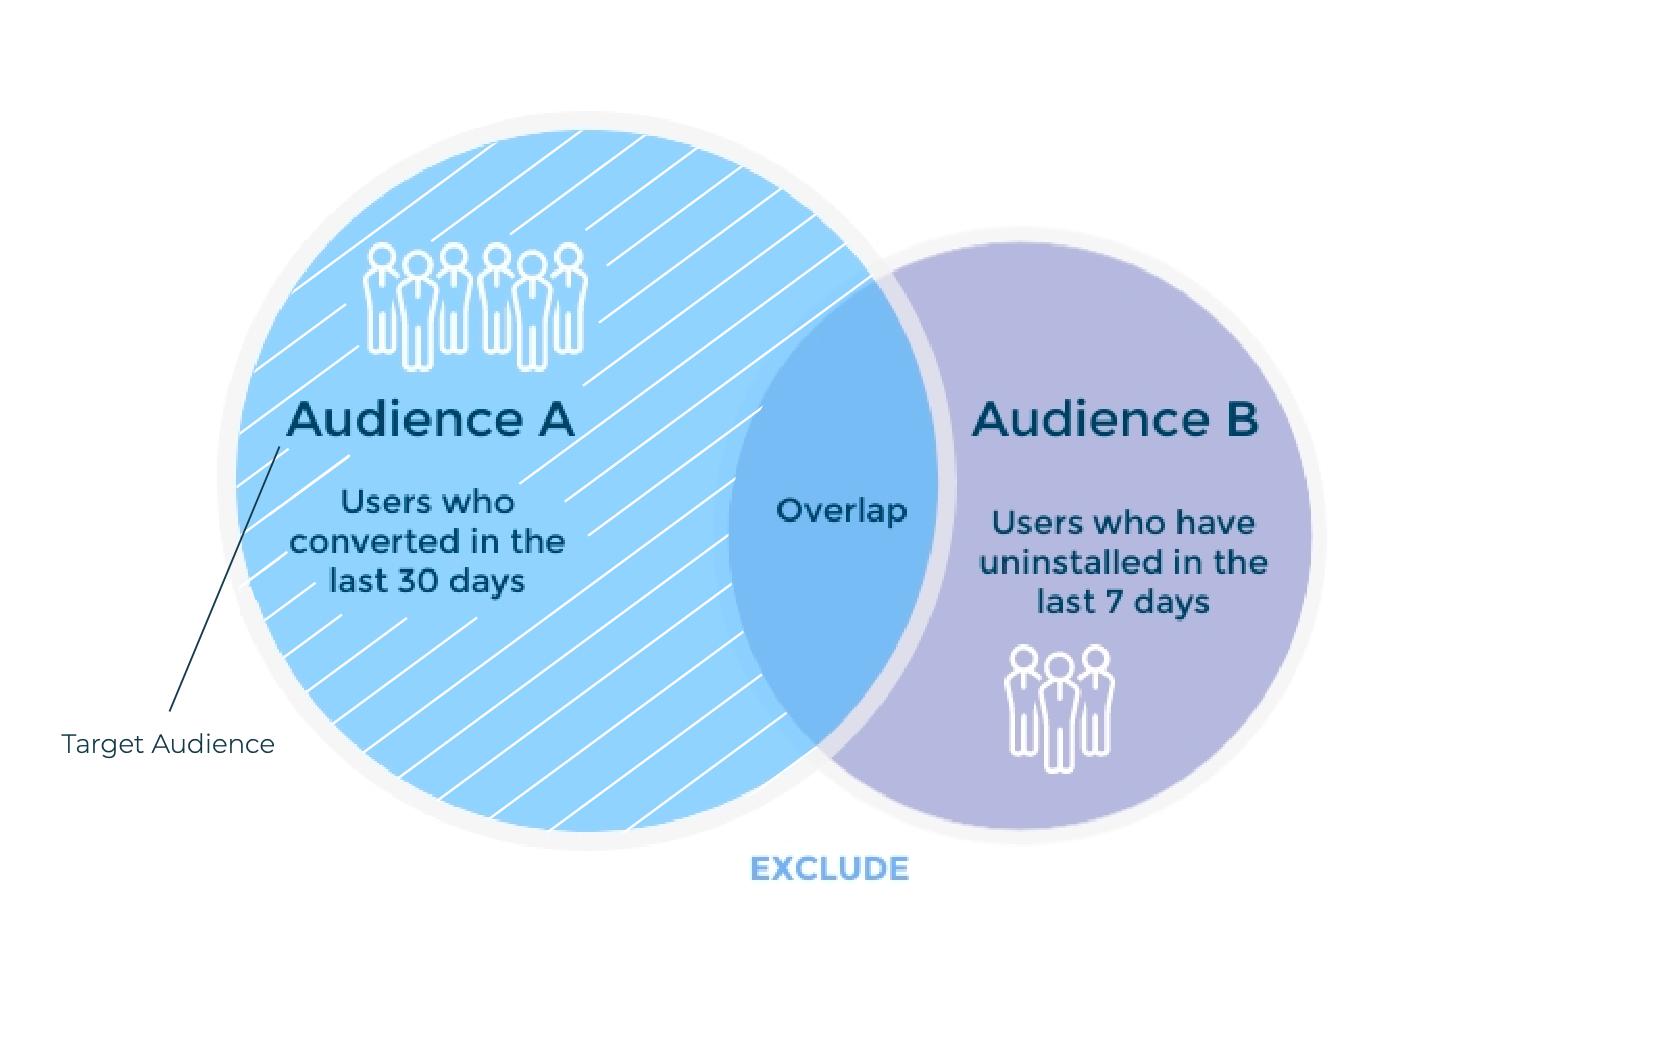 Ejemplo de segmentación de audiencias en AppsFlyer (audiencia A, excluir B)